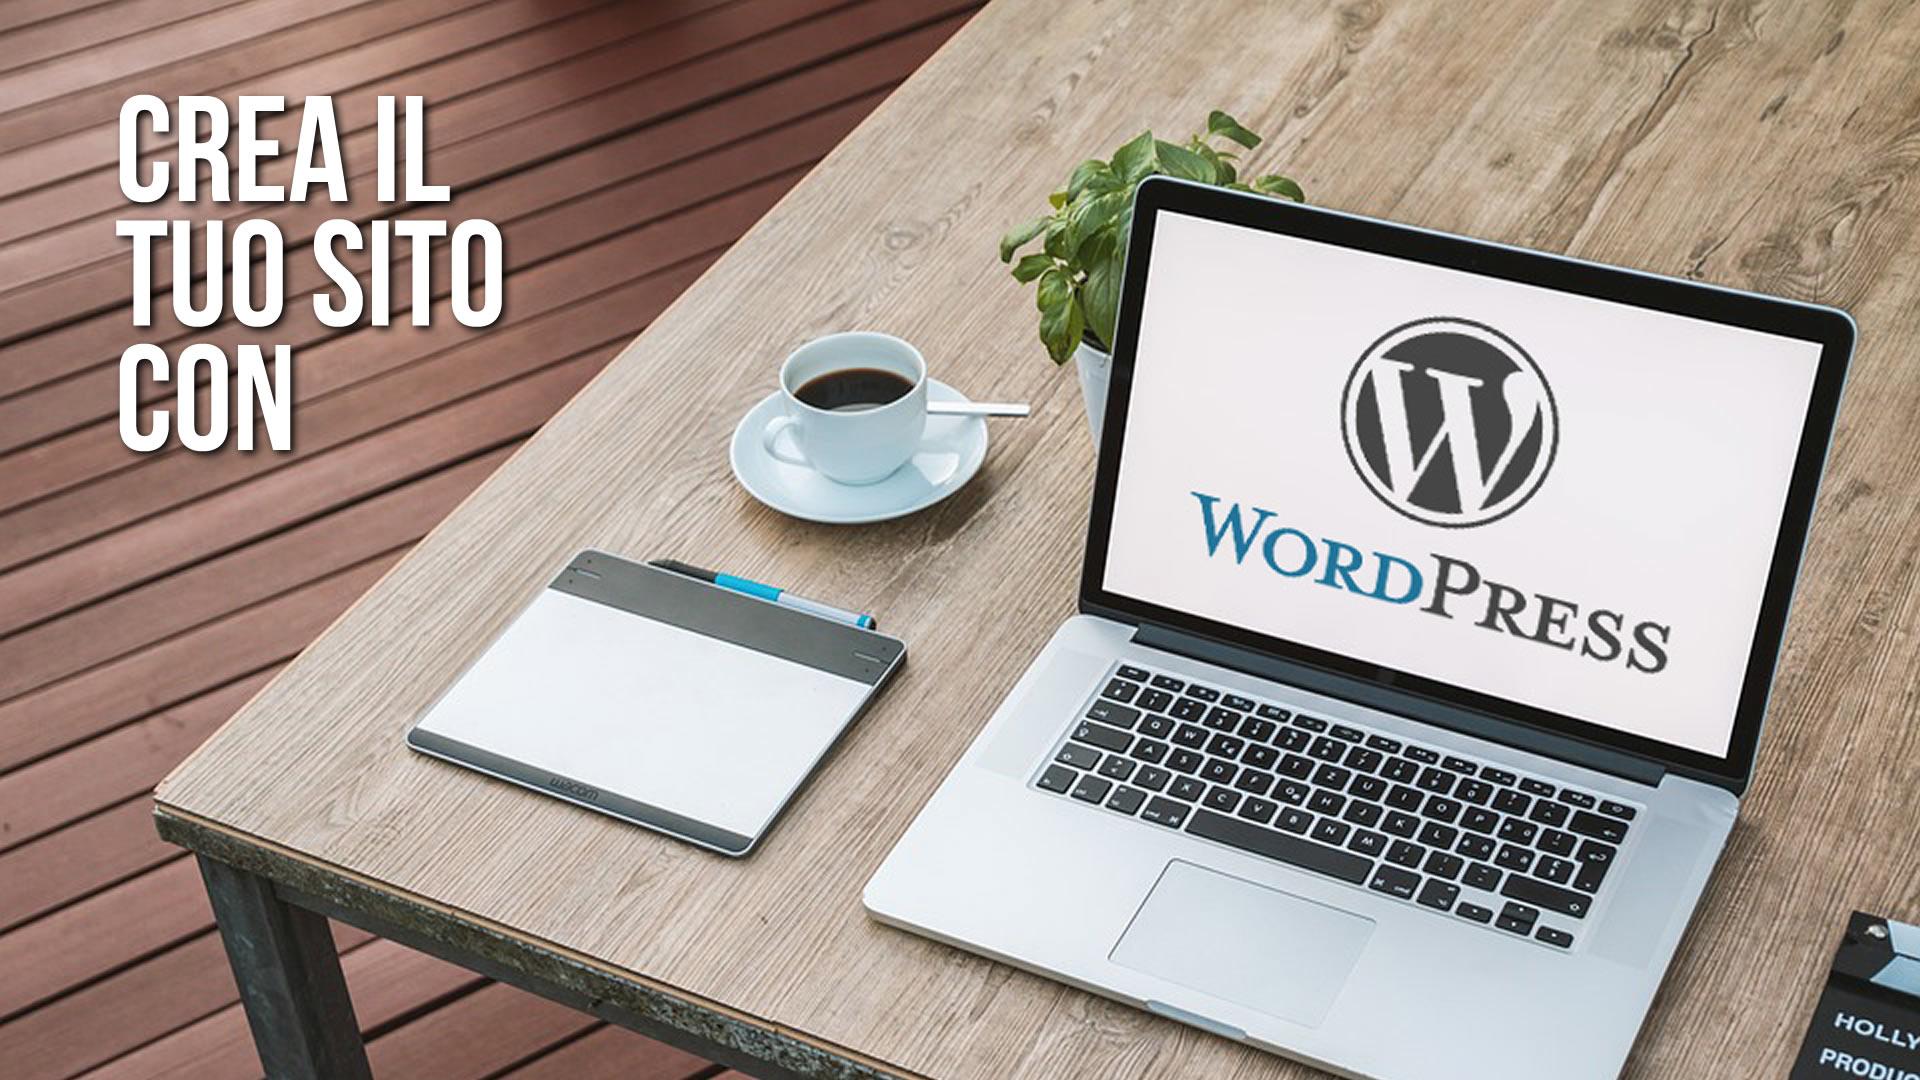 Crea il tuo sito con WordPress, il CMS più diffuso al mondo